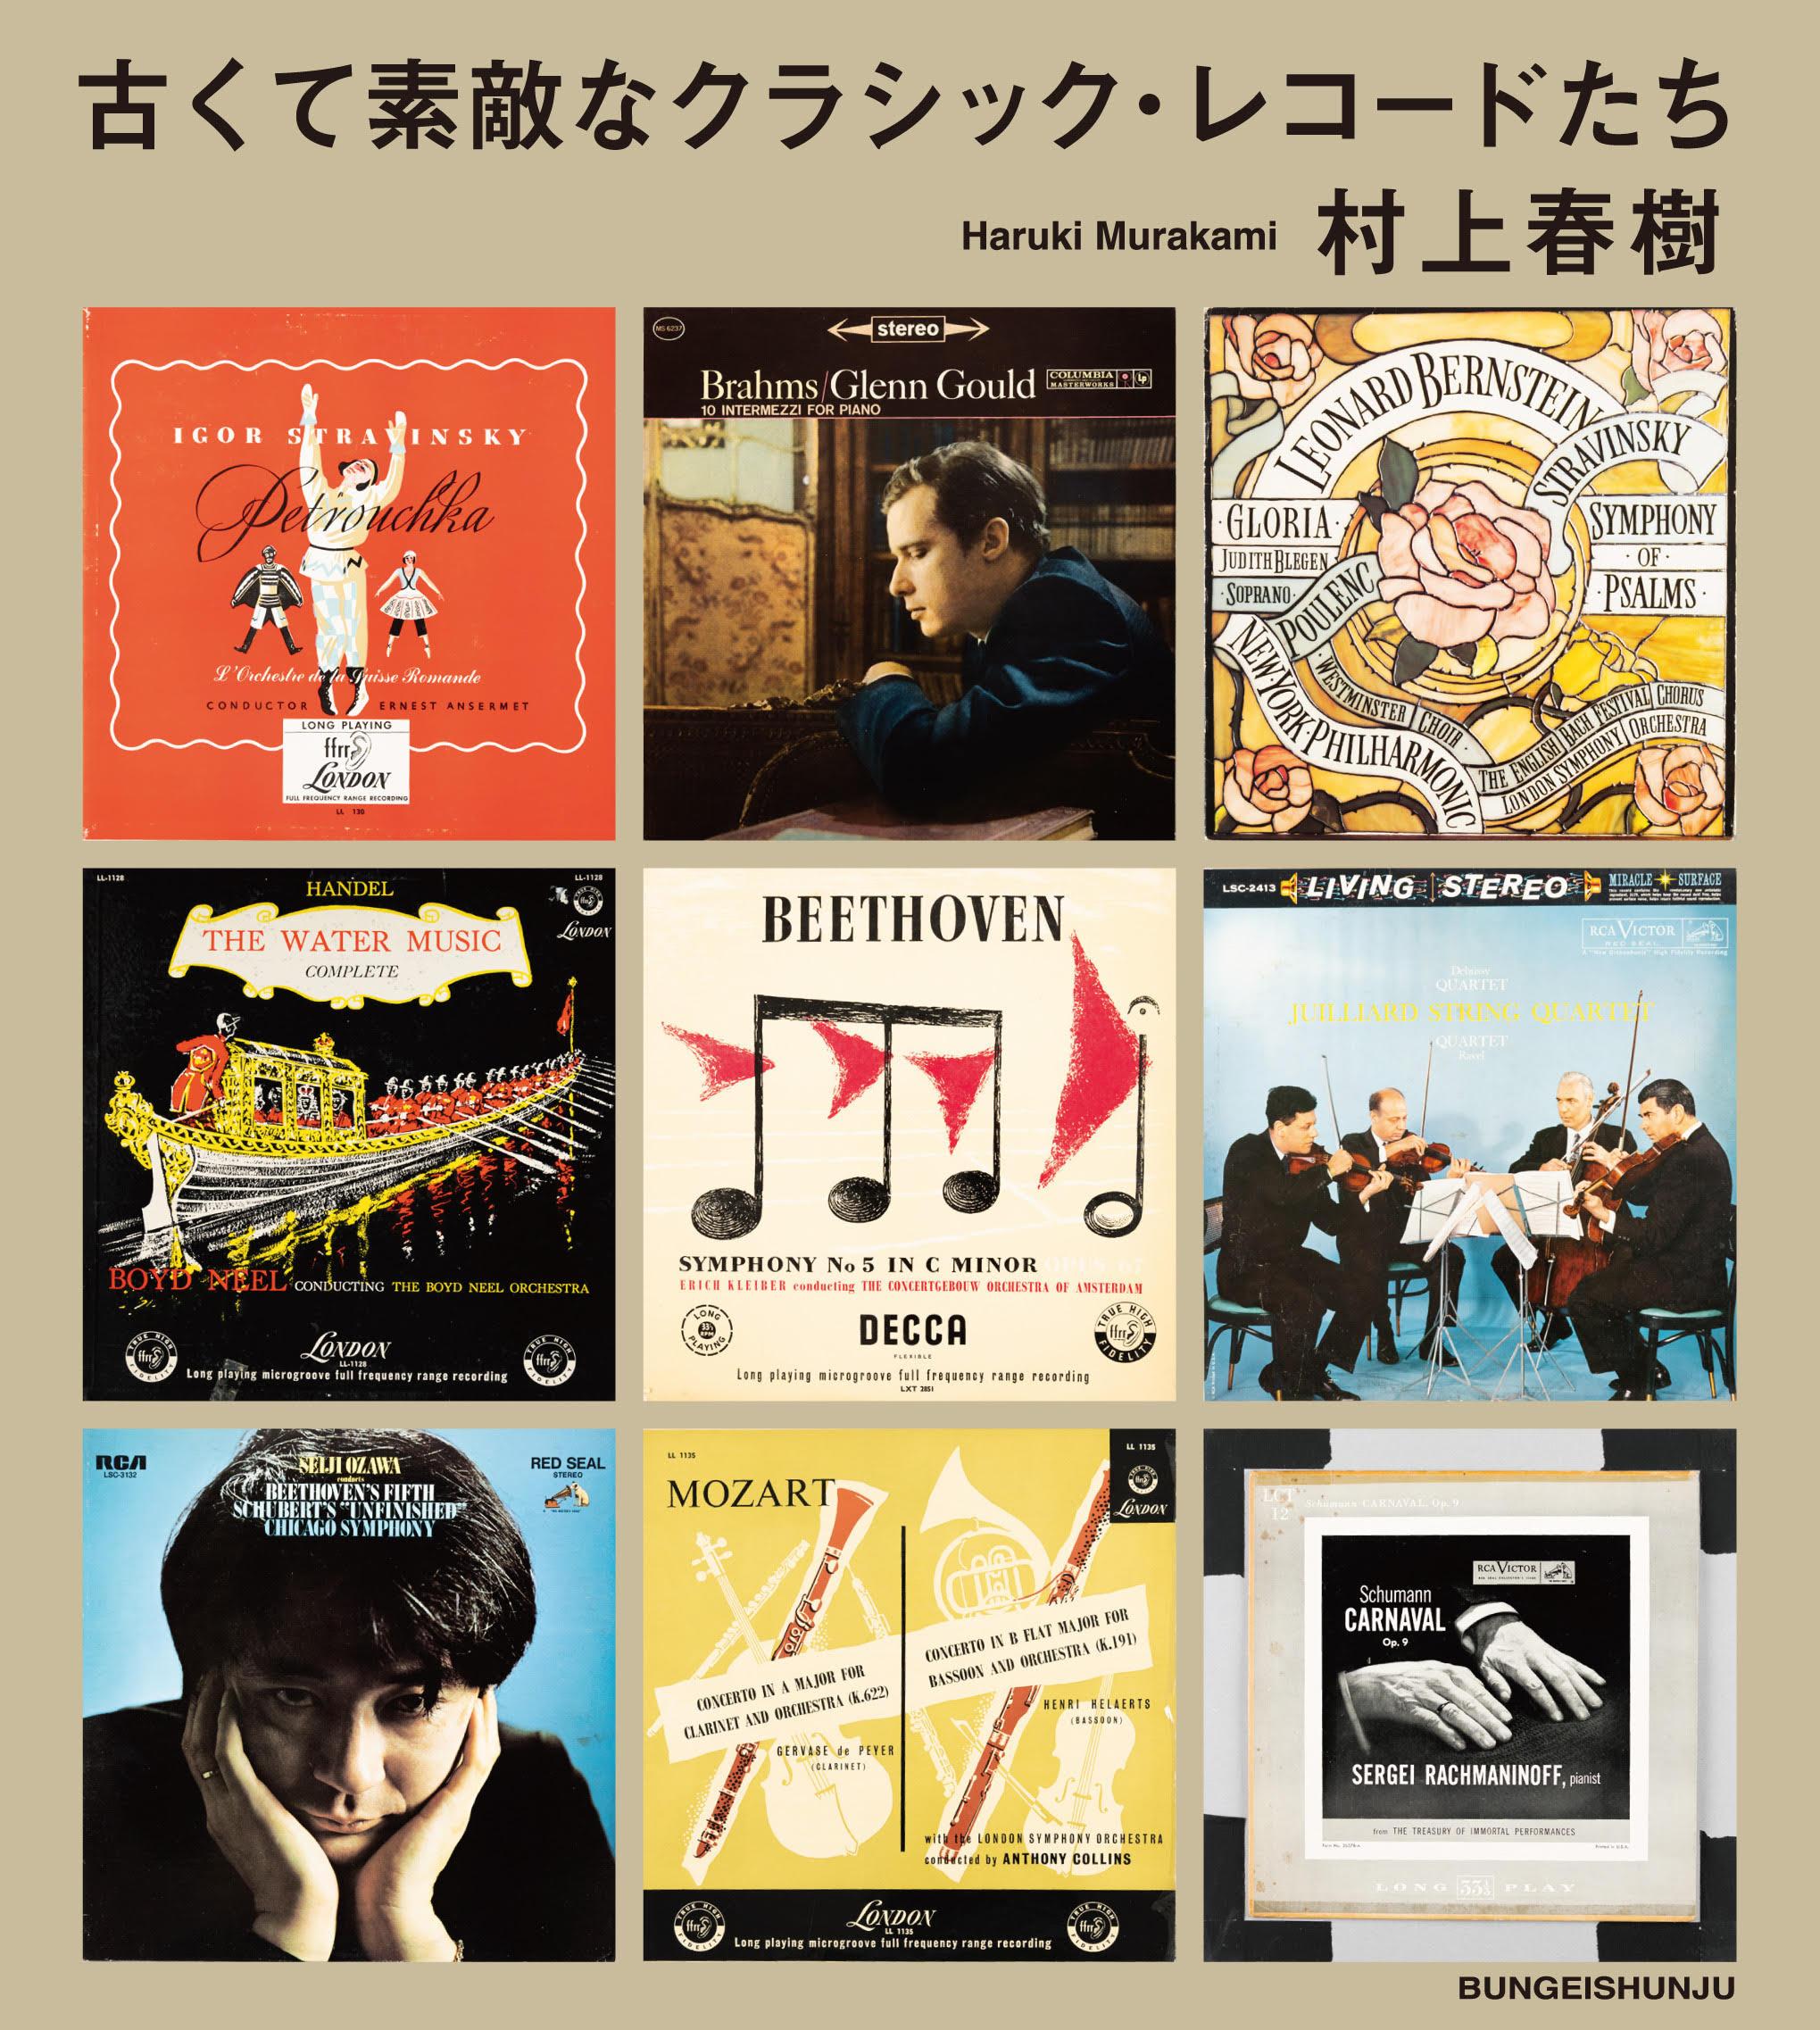 『古くて素敵なクラシック・レコードたち』カバー